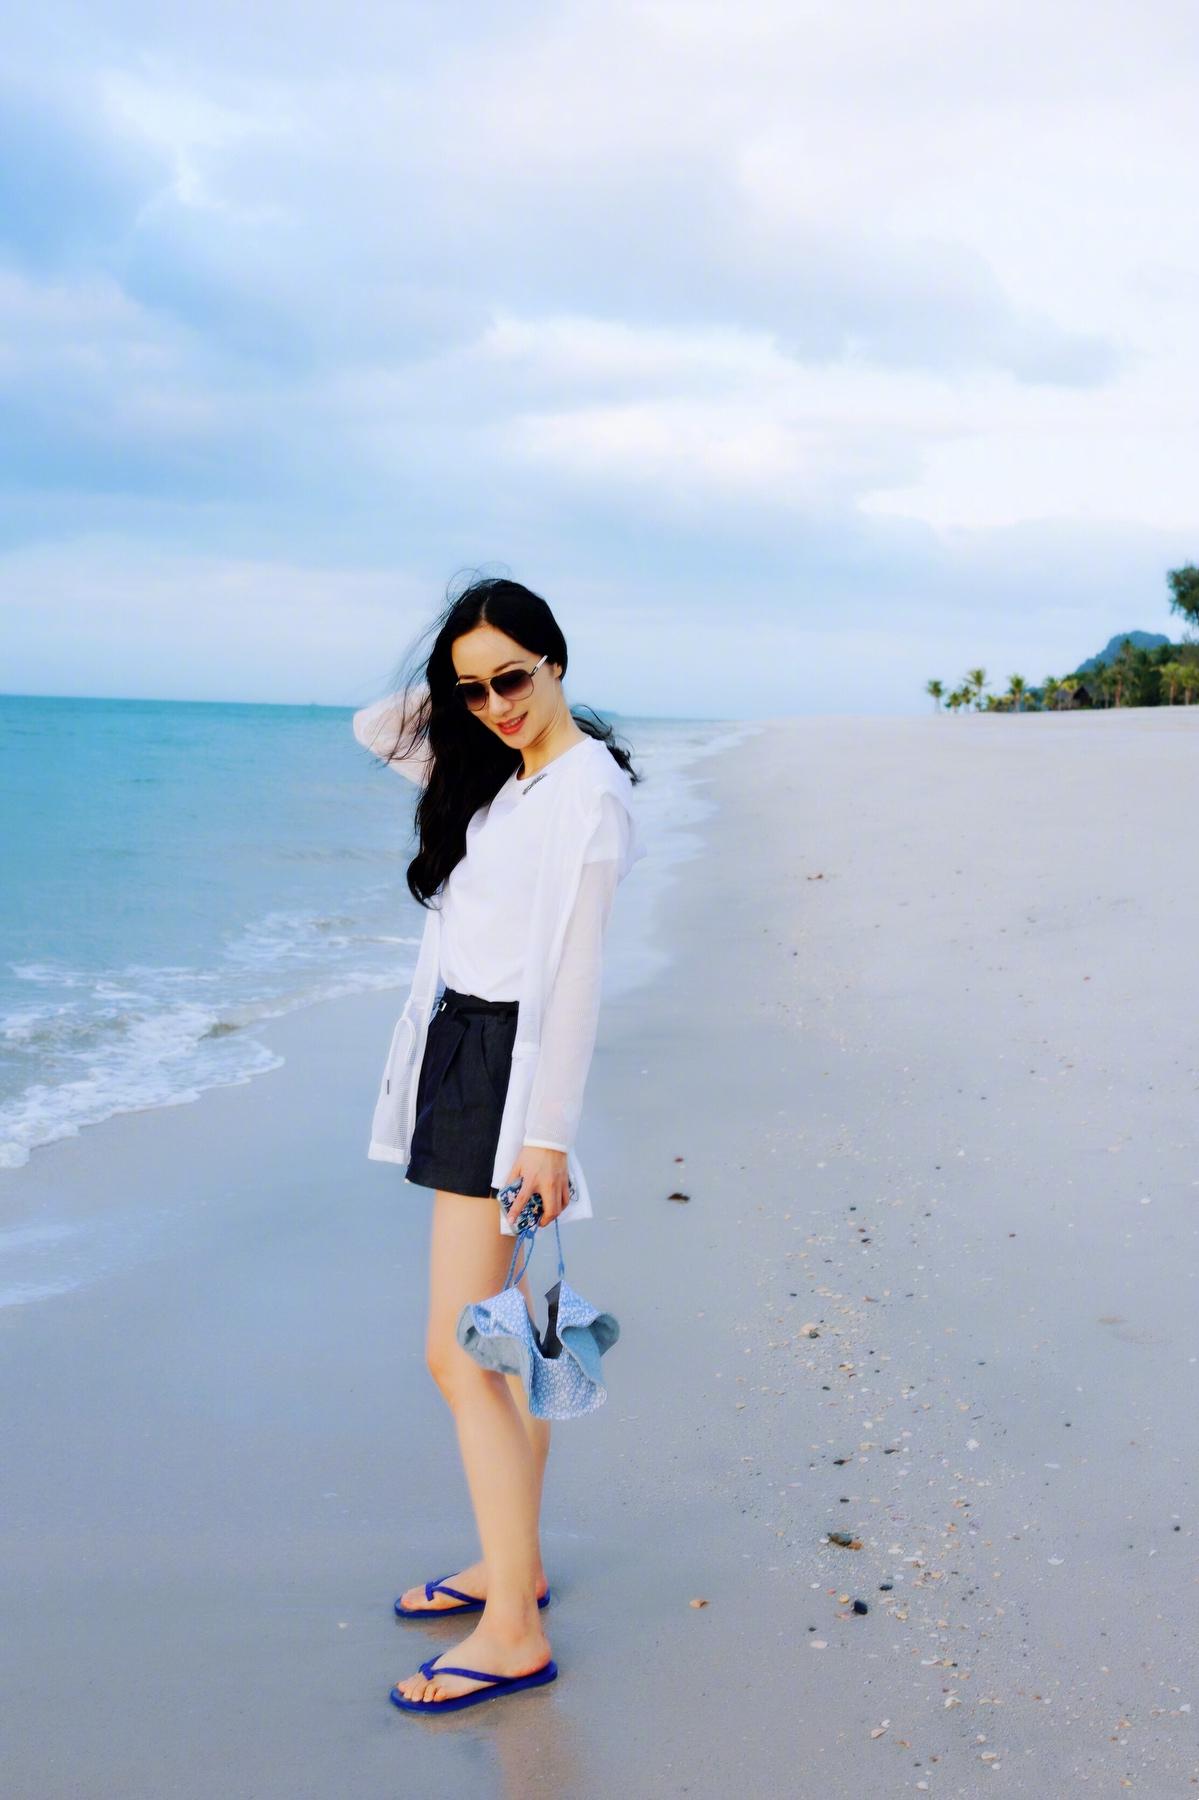 近日,明星韩雪在微博上晒出了一组海边度假的美照,照片中的她身着简单素净的白色T恤、黑色短裤,搭配轻薄防晒服,信步闲庭游走于蓝天碧海间。并俏皮配文:听说你那里很冷,我是来拉仇恨的。又见#标准游客照#。对此,粉丝们纷纷表示:肤白貌美大长腿说的就是韩雪本雪了吧我在你的眼镜里看到了落日的余晖,是那样的美好与安静,呼吁女神再多发一点游客照,祝福玩得开心,早点回家。